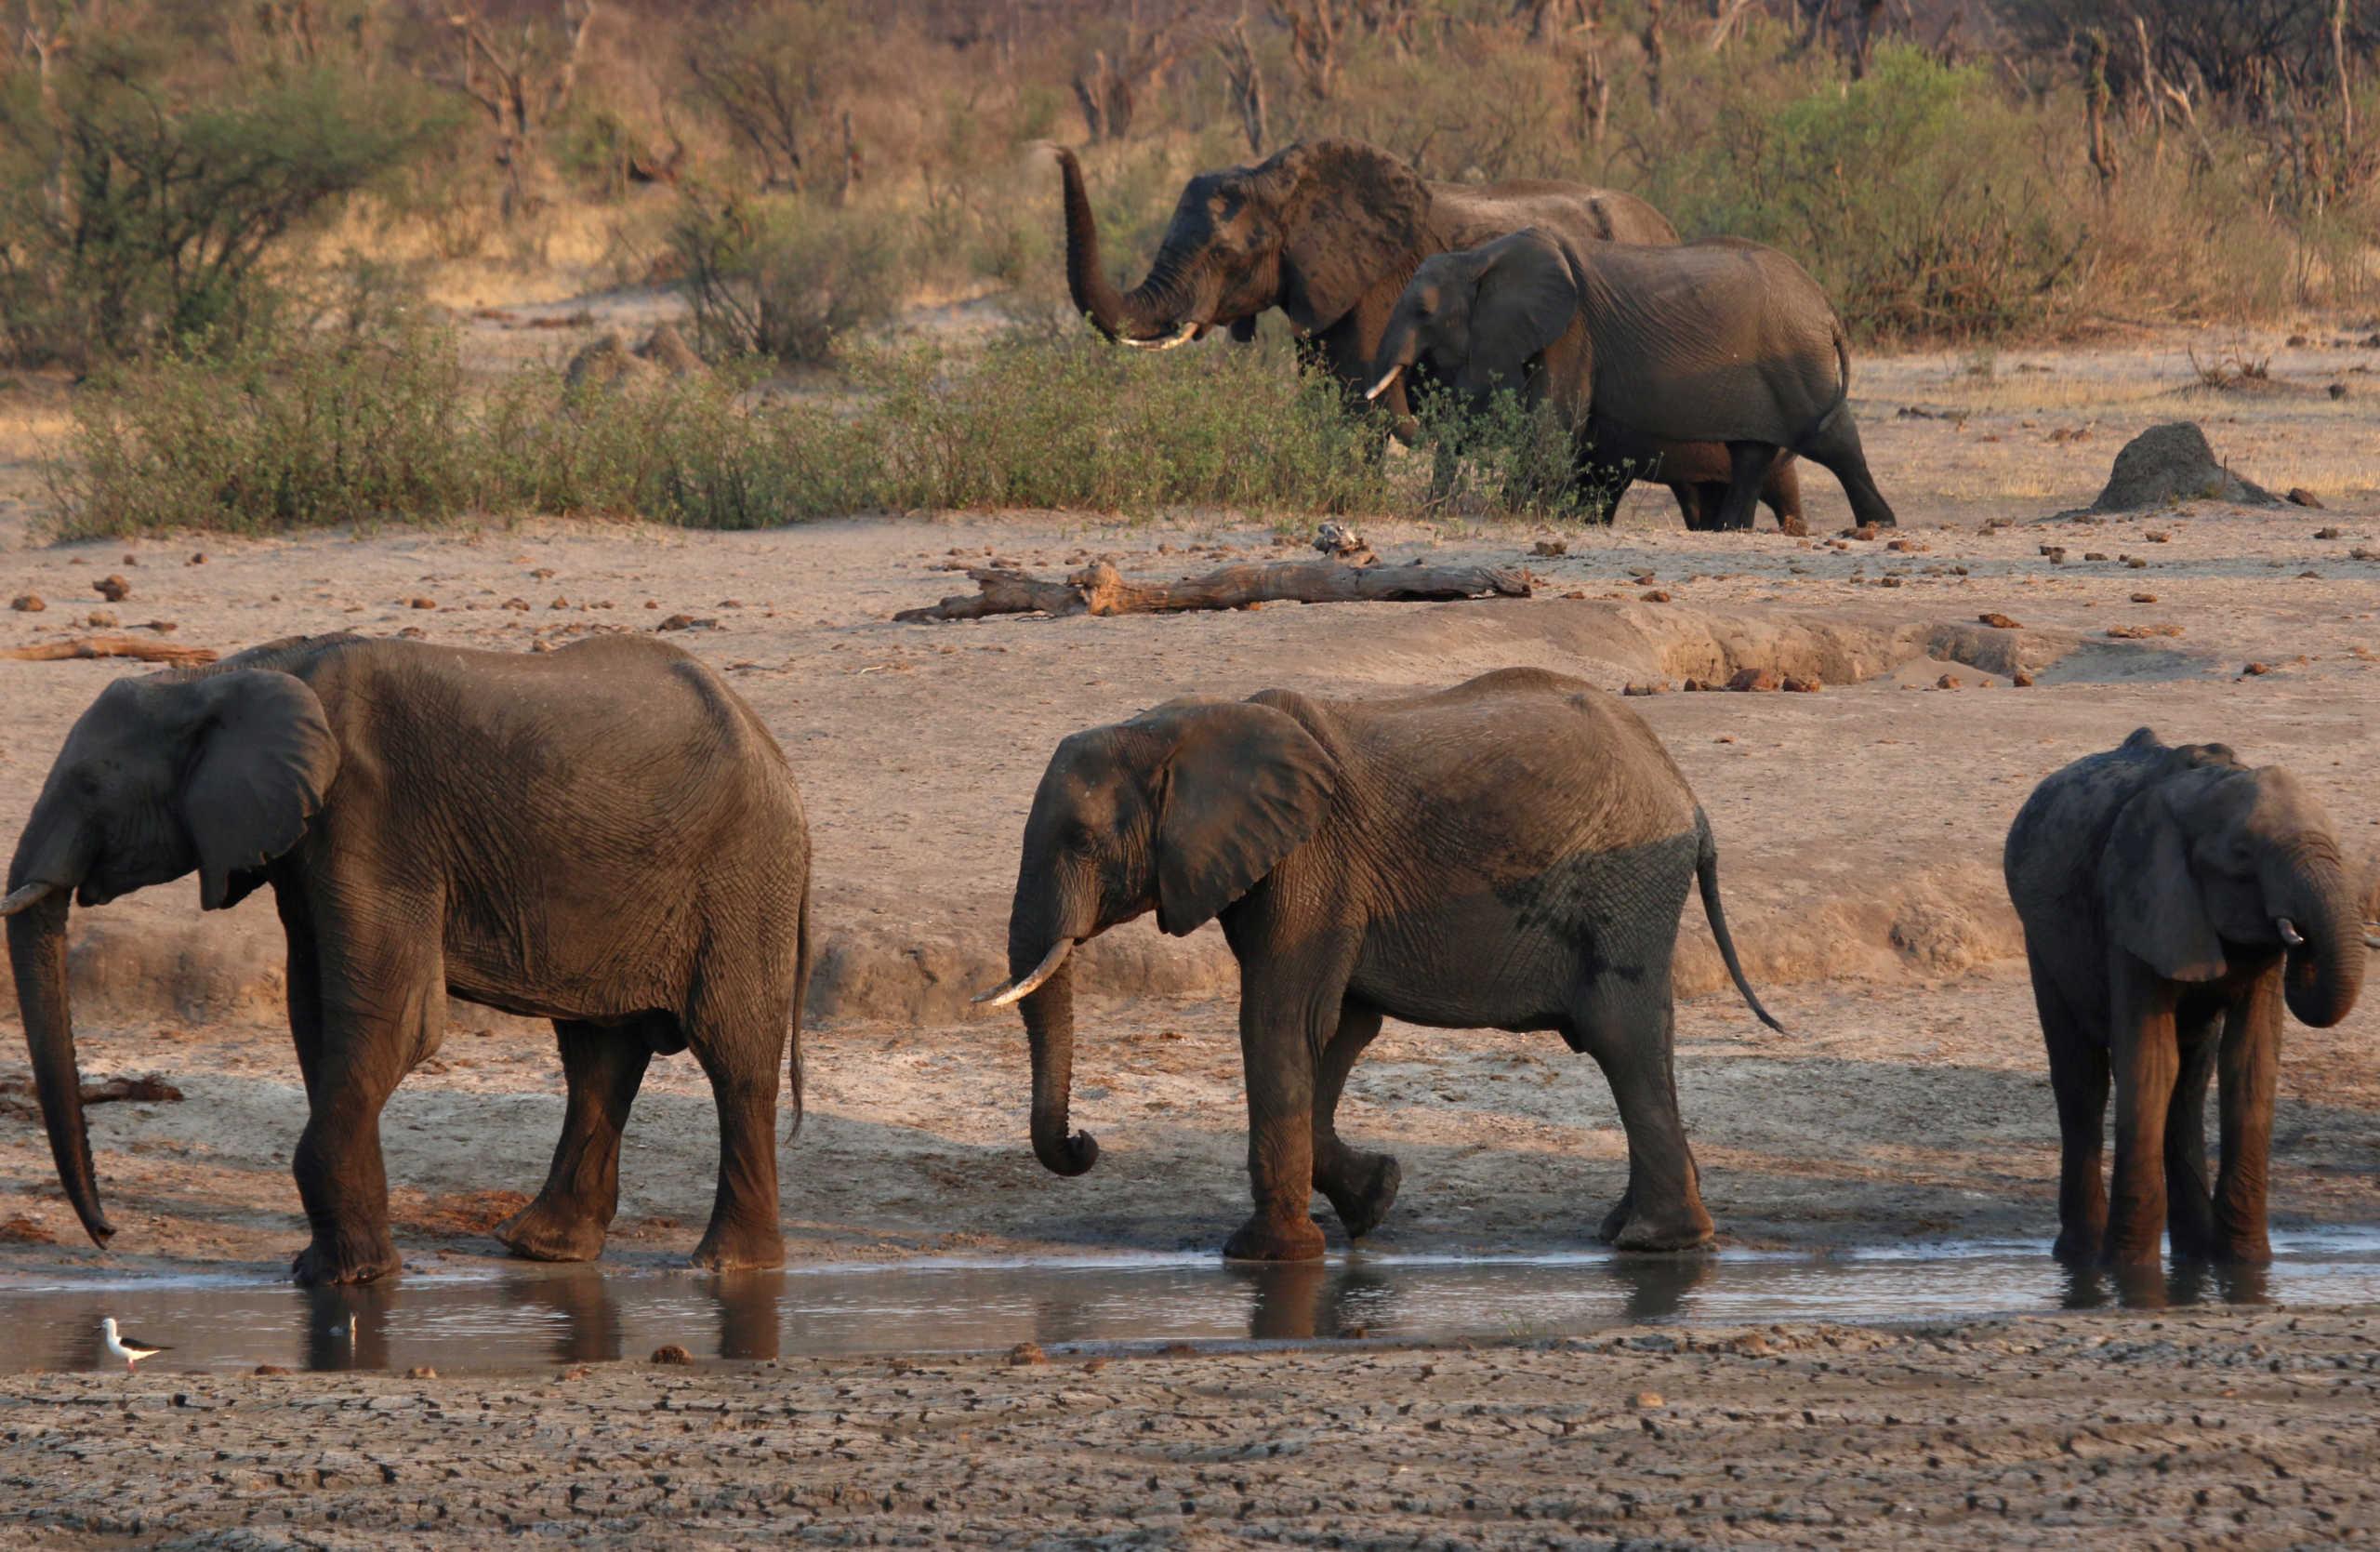 Η φύση καταρρέει! 68% μείωση πληθυσμών άγριας ζωής από το 1970